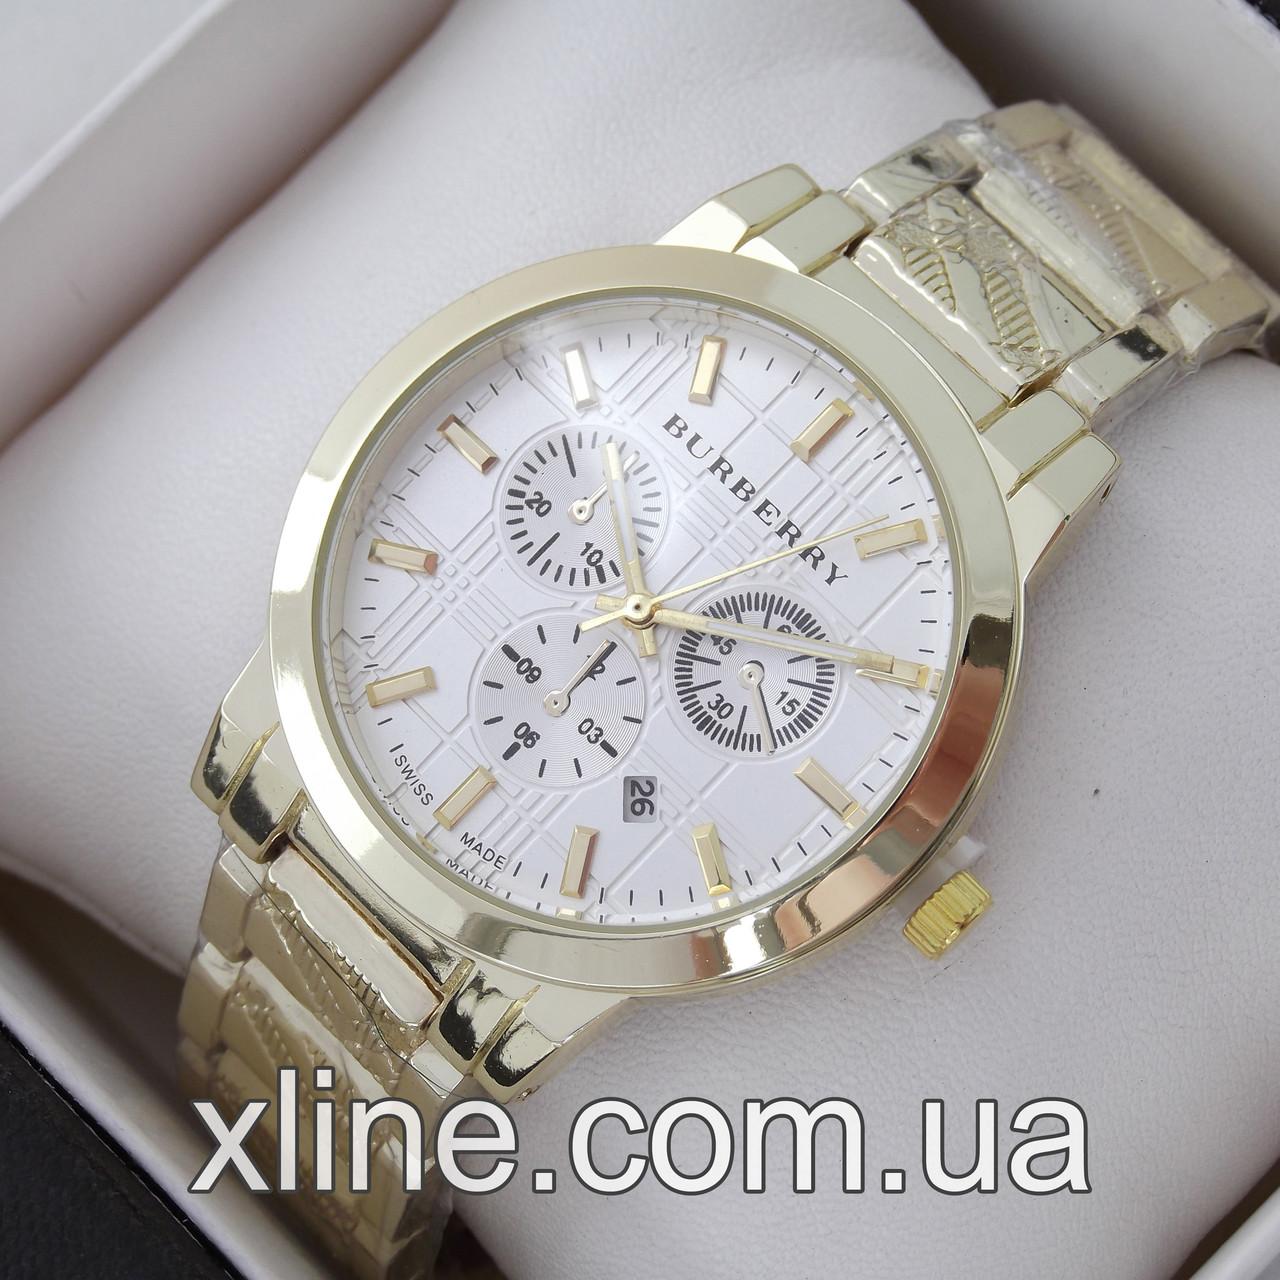 dc6b794f Женские наручные часы Burberry A66 на металлическом браслете ...